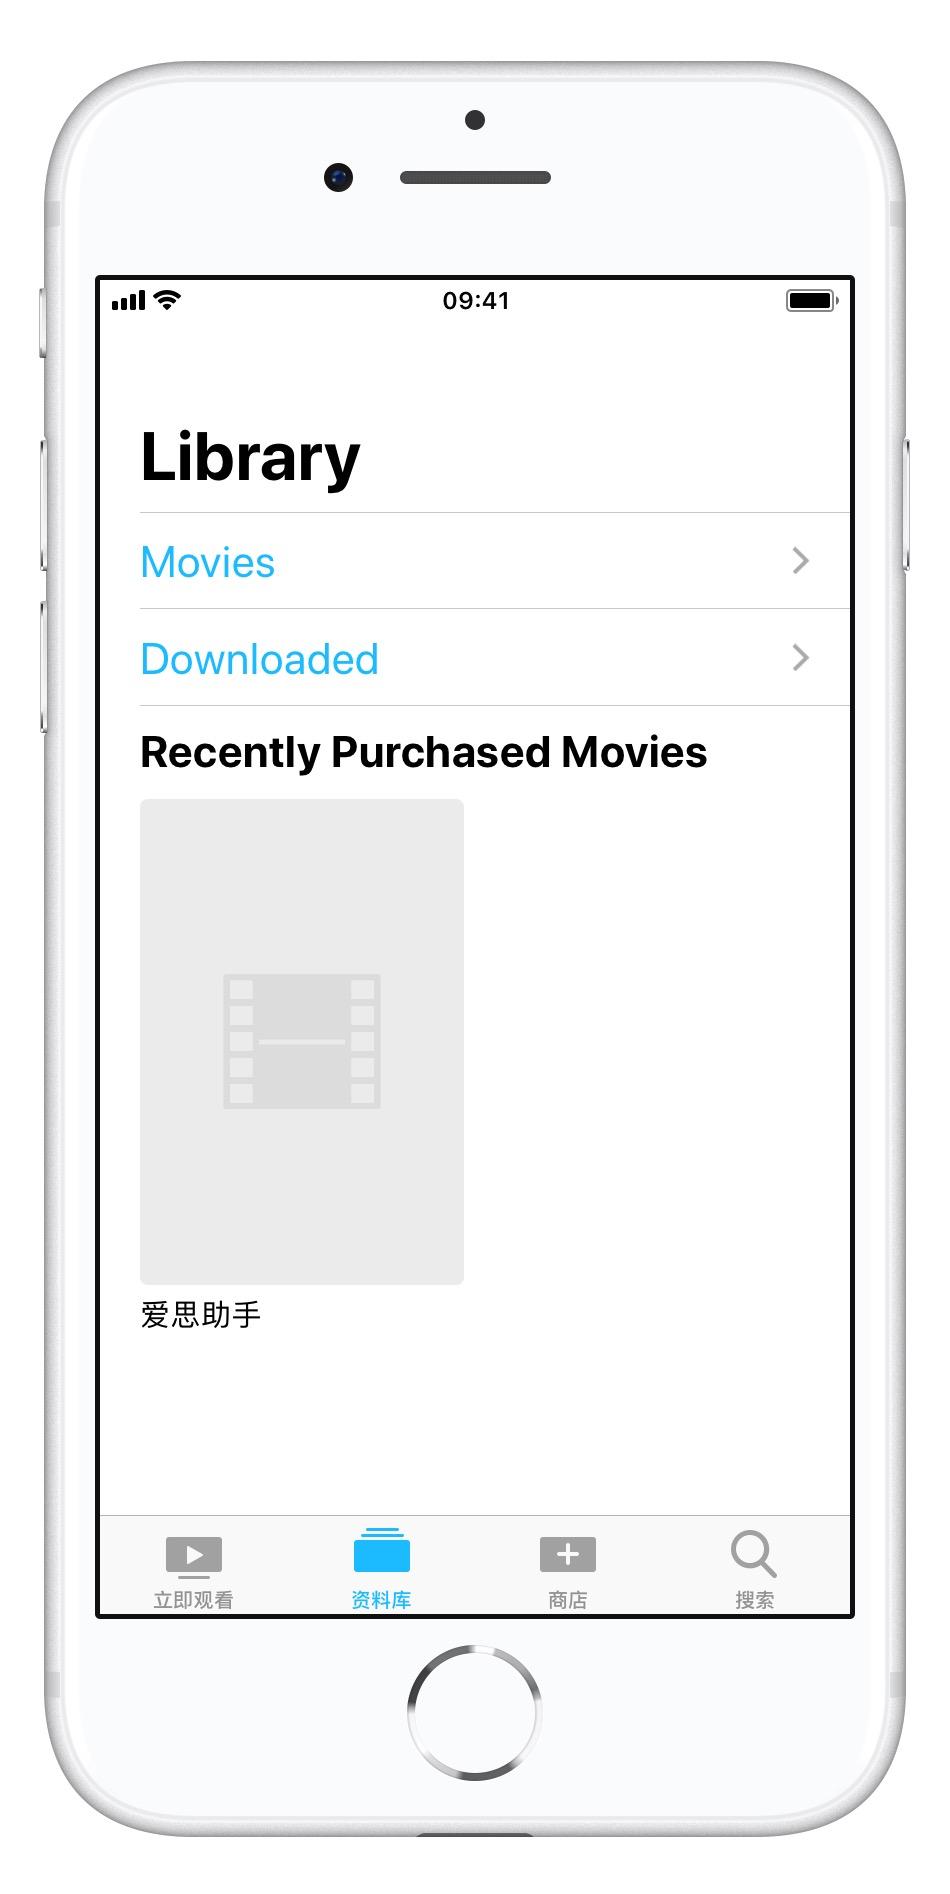 「爱思助手」Mac 版教程:如何将视频导入 iPhone 中浏览?